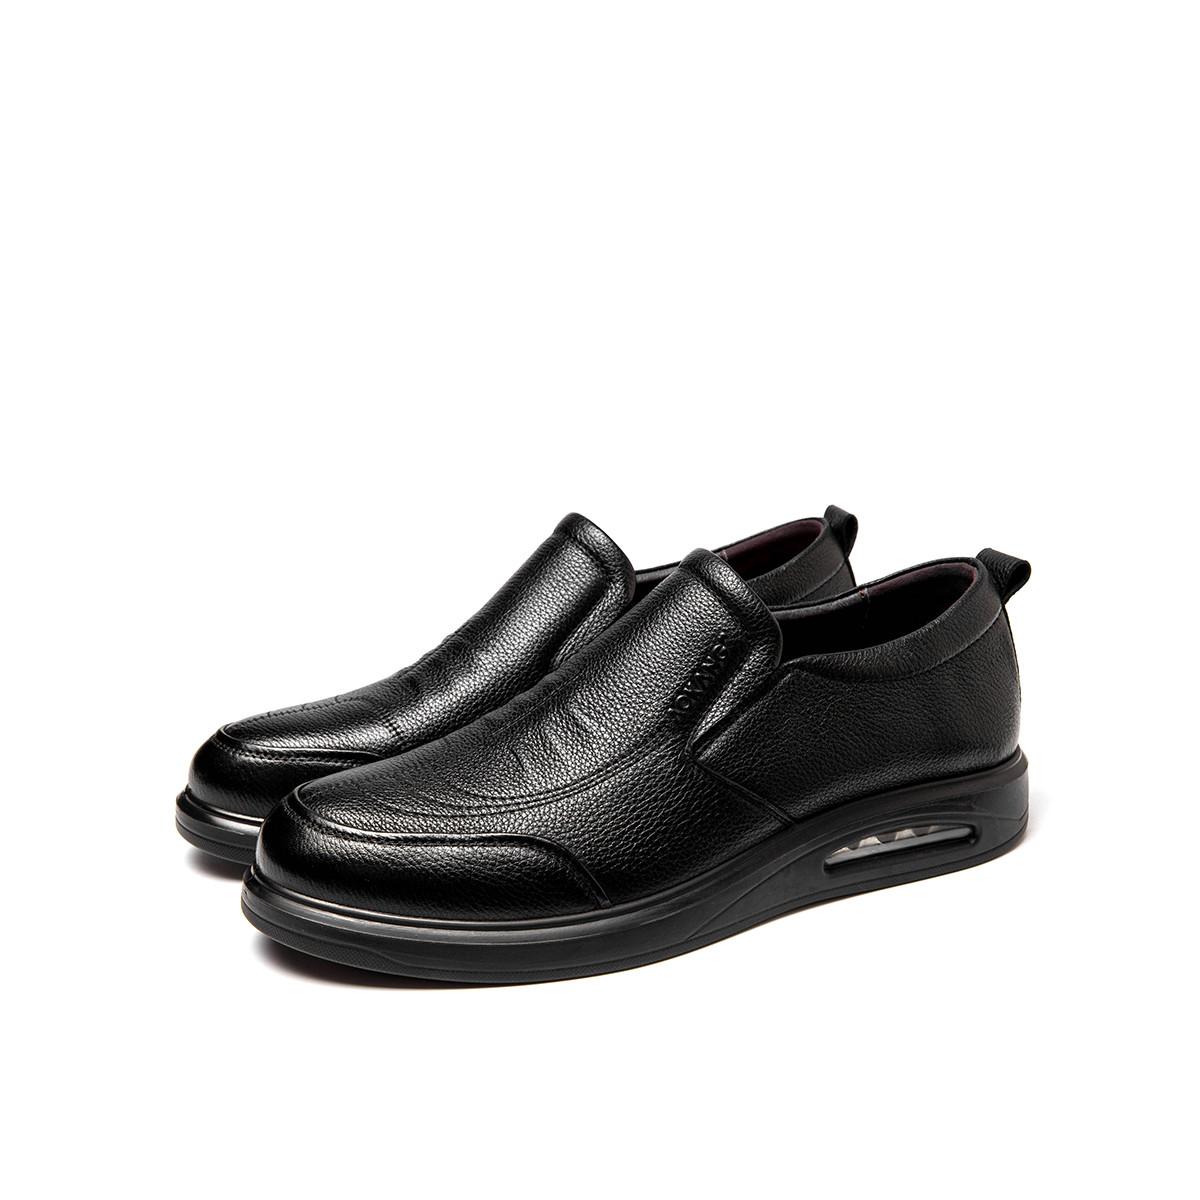 奥康奥康男鞋2019秋季新款套脚商务休闲气垫鞋底潮流男士皮鞋193212056